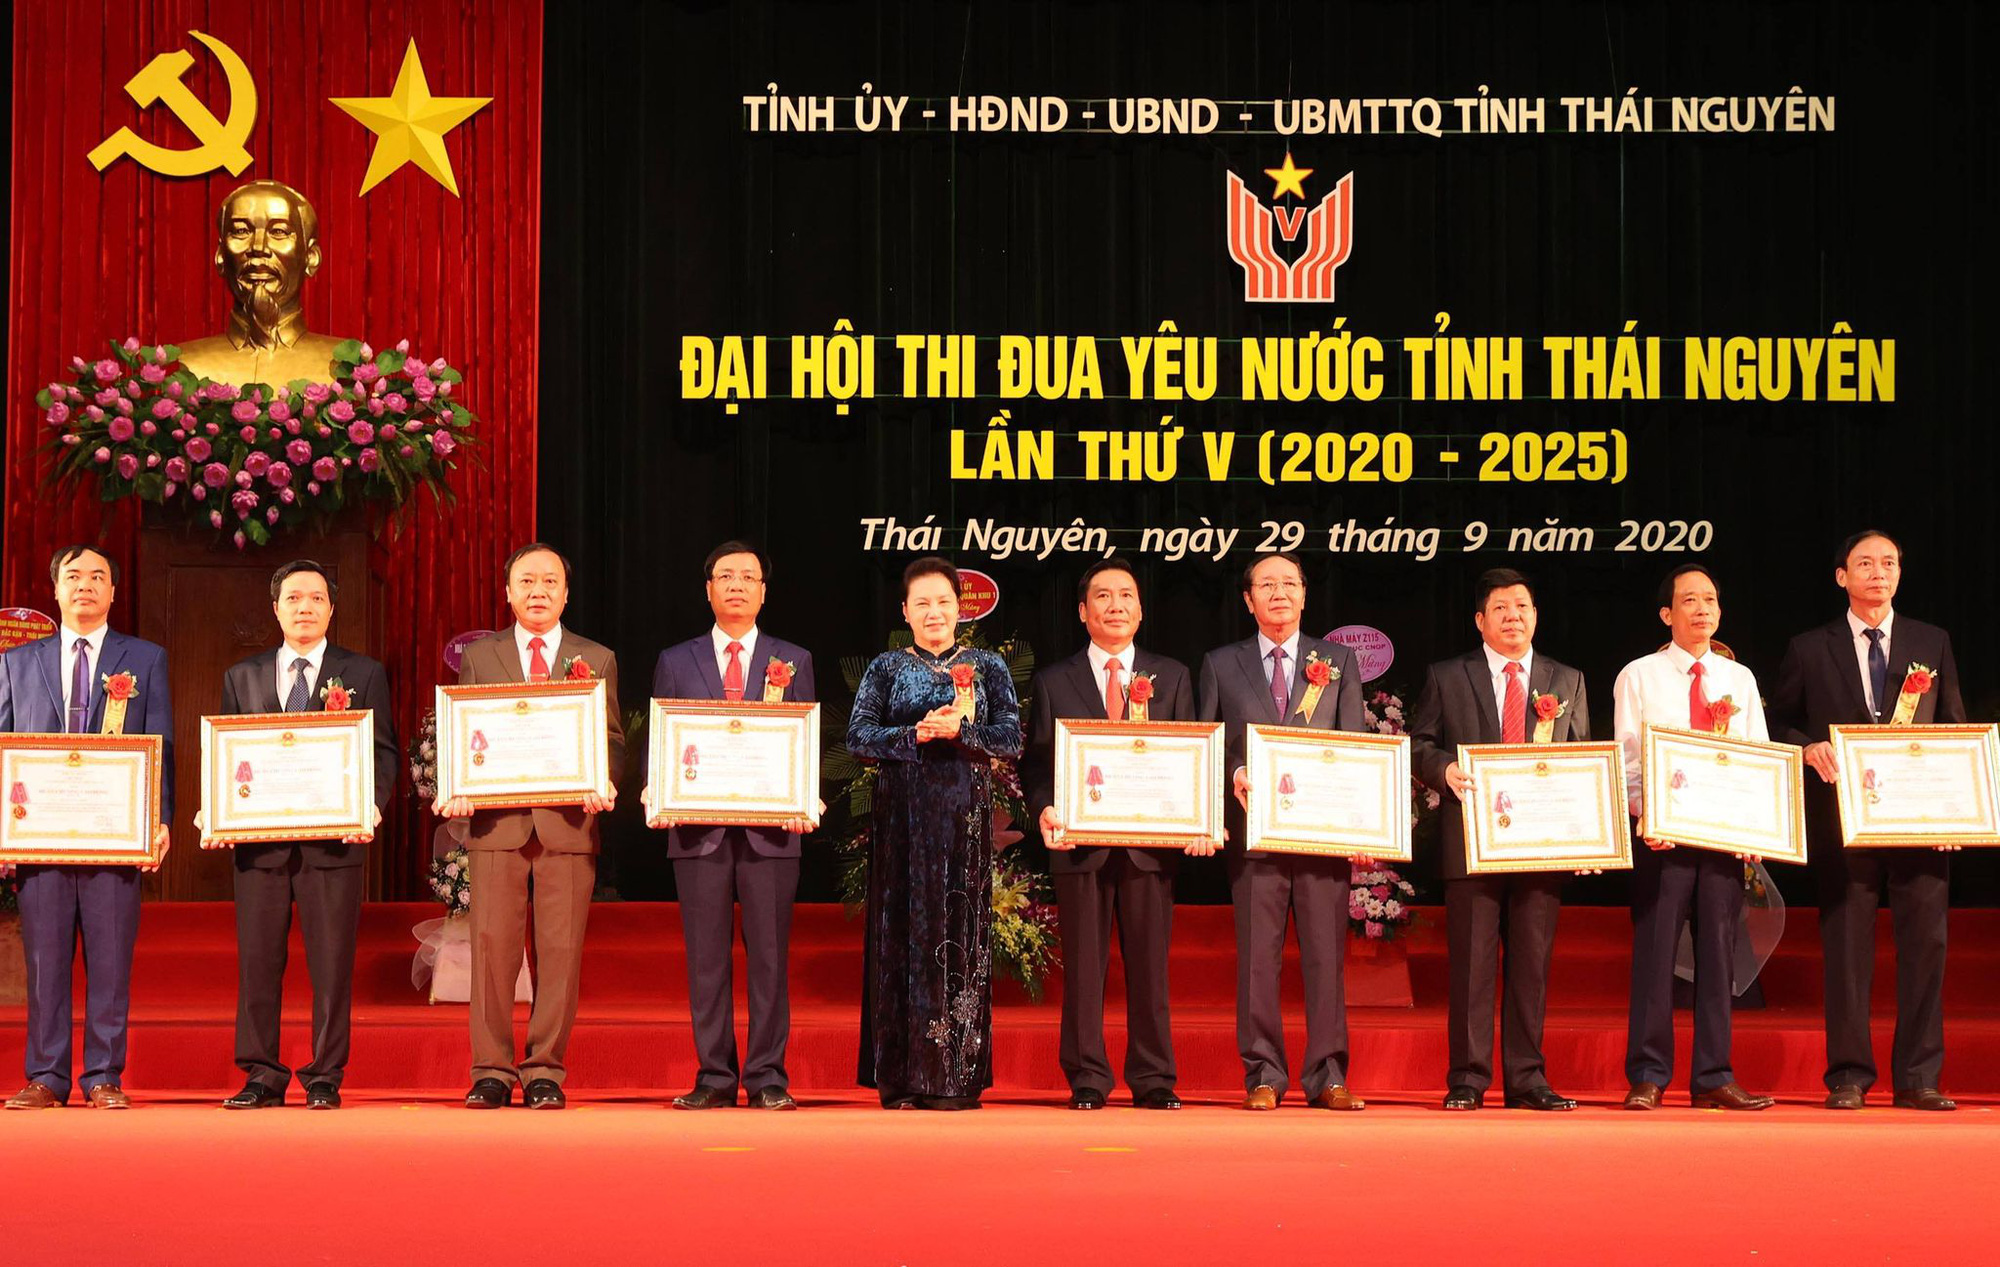 Chủ tịch Quốc hội: Thái Nguyên cần tiếp tục phát động phong trào thi đua rộng khắp - Ảnh 1.